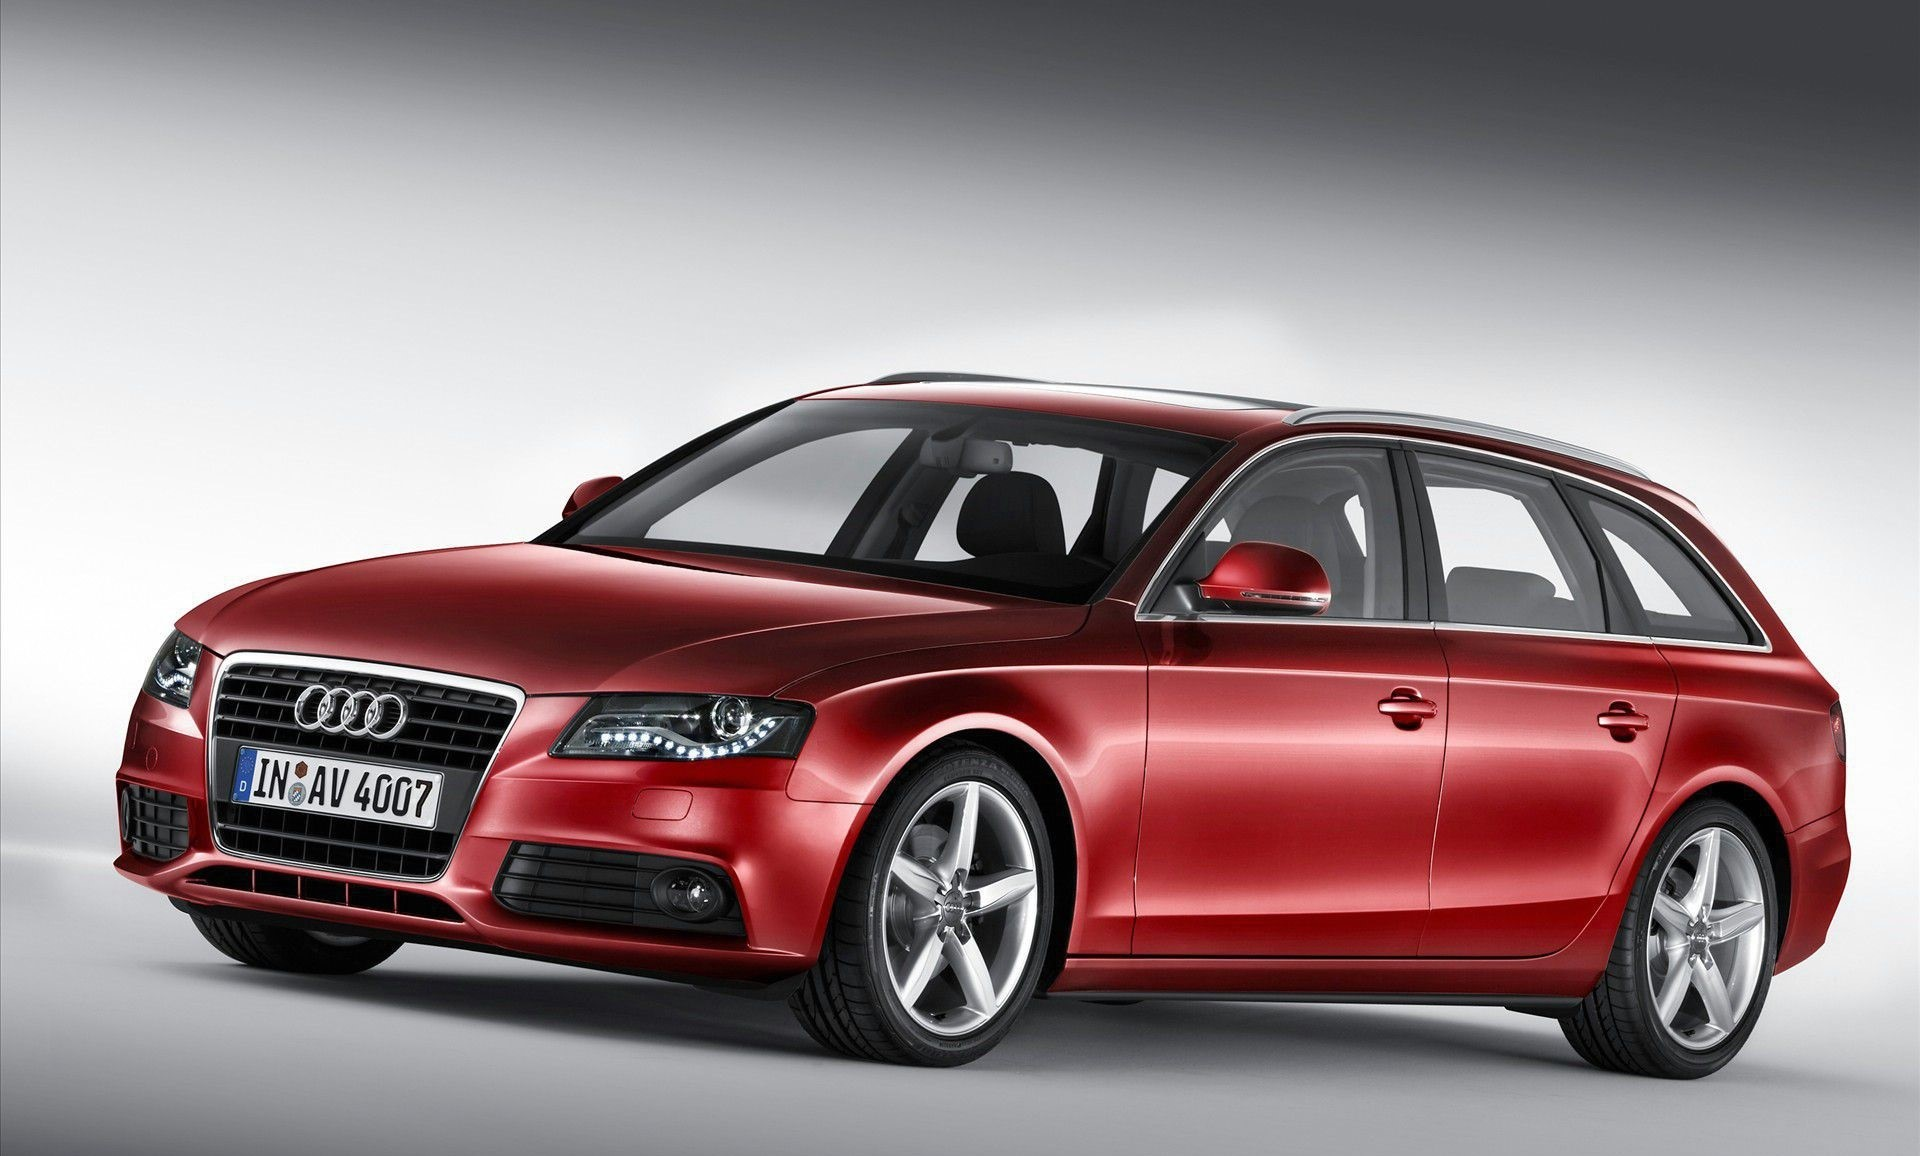 Audi A4 HD